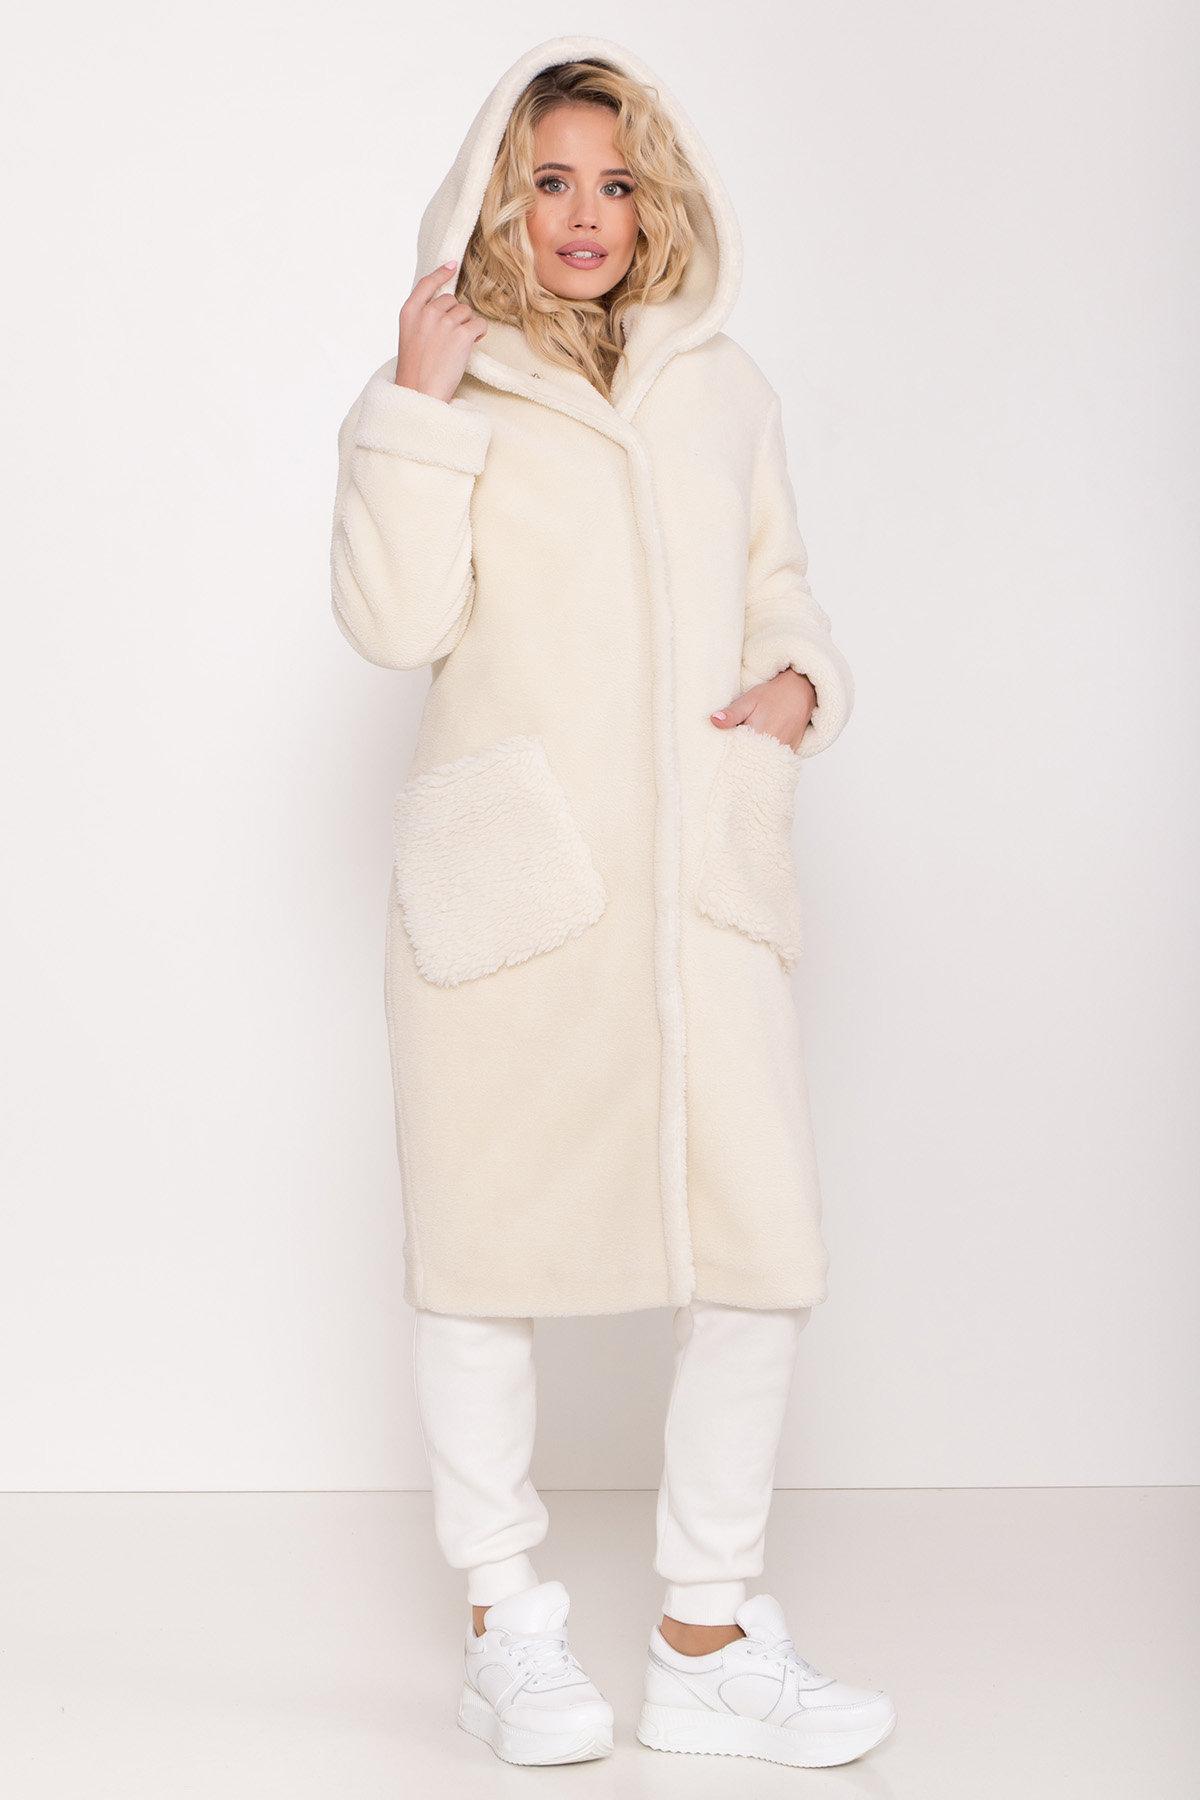 Пальто из искусственного меха Анита 8197 АРТ. 44955 Цвет: Молоко - фото 6, интернет магазин tm-modus.ru